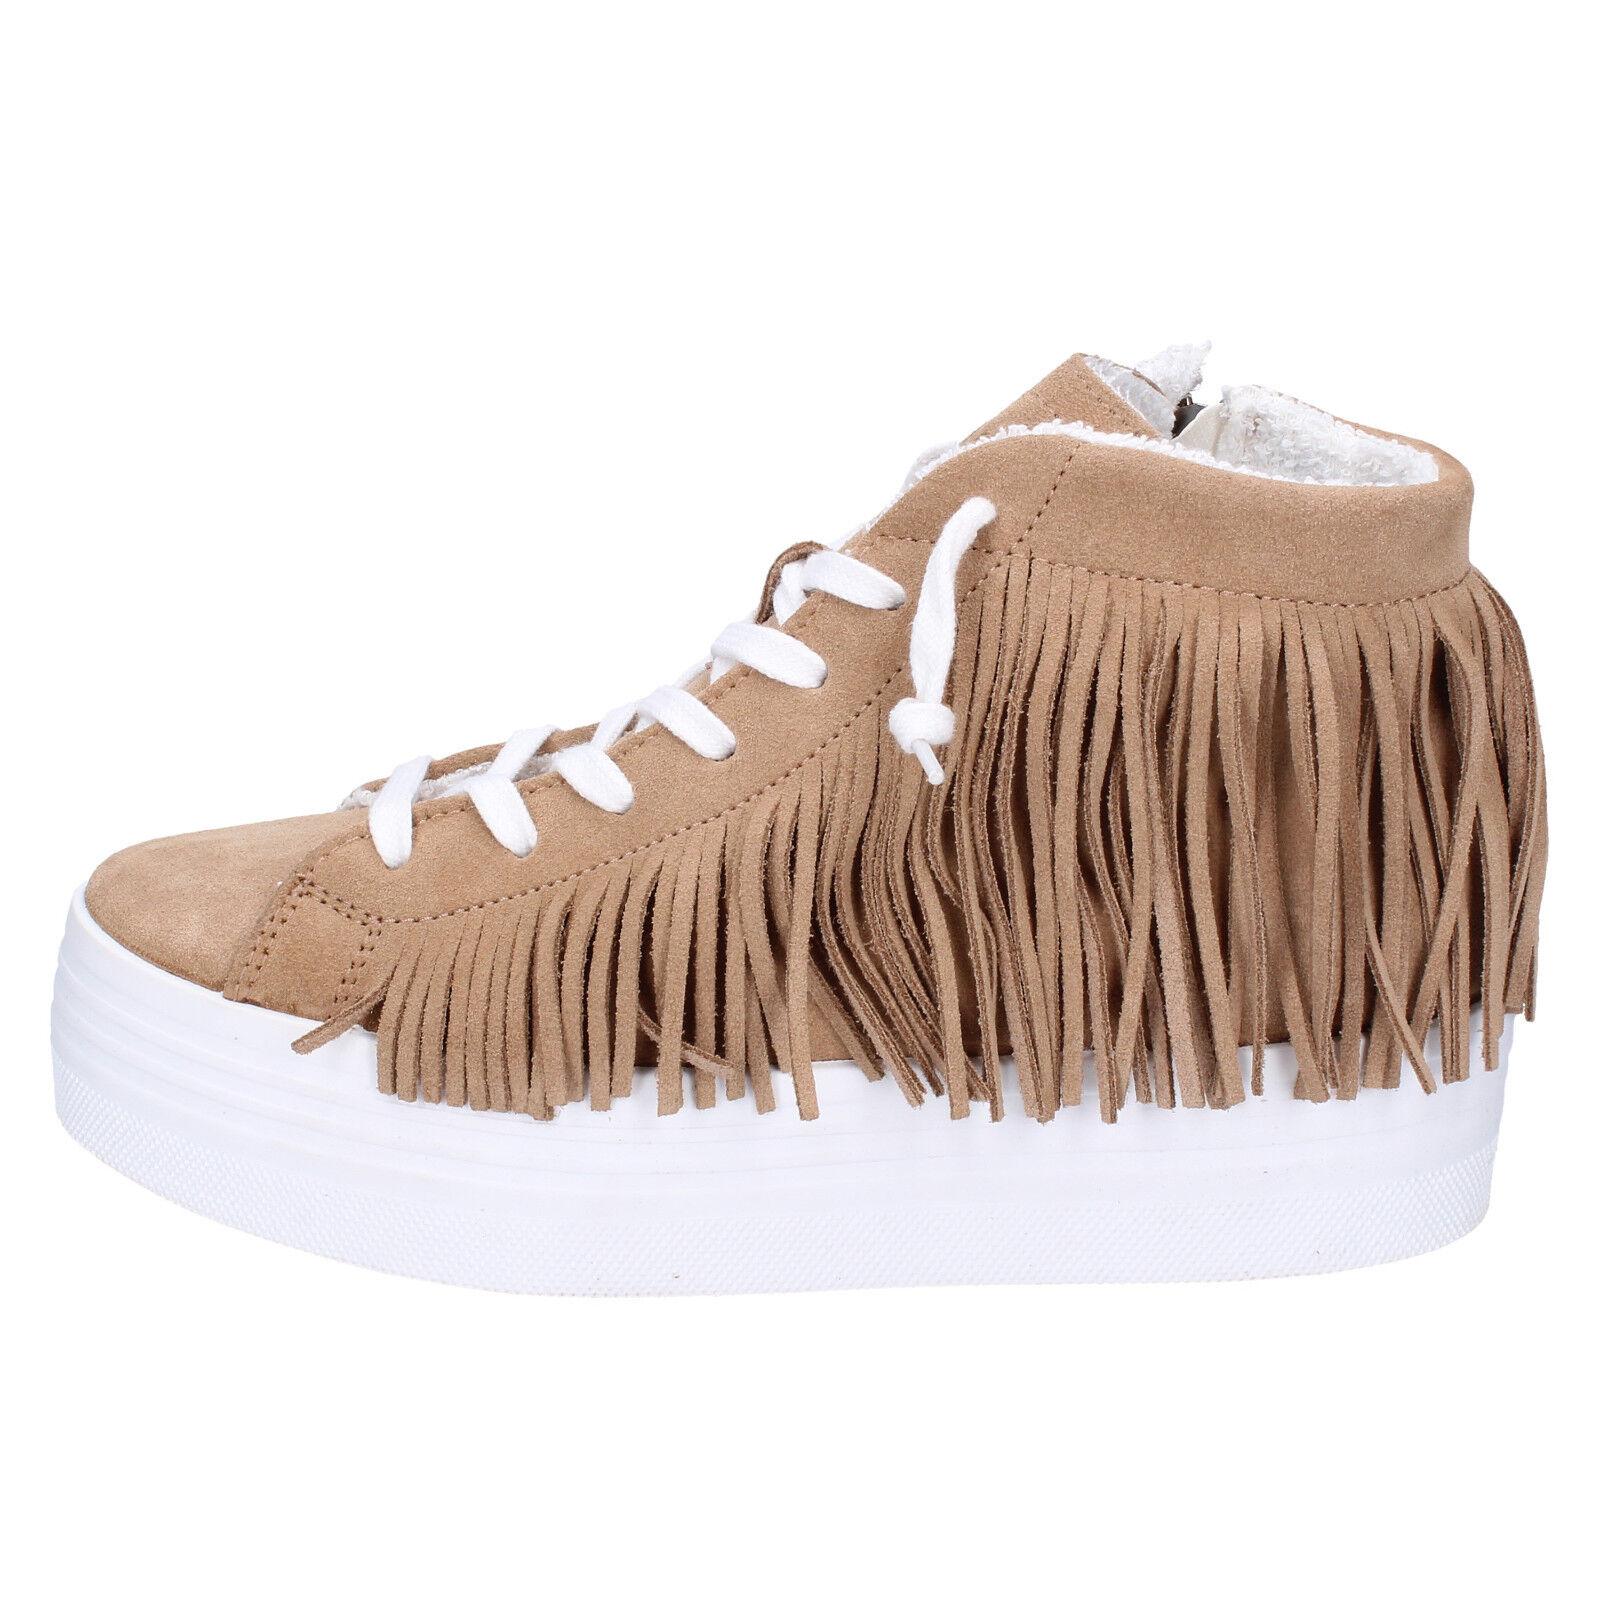 scarpe donna 2 marrone STAR 39 EU sneakers marrone 2 camoscio AP706-39 f2cb78